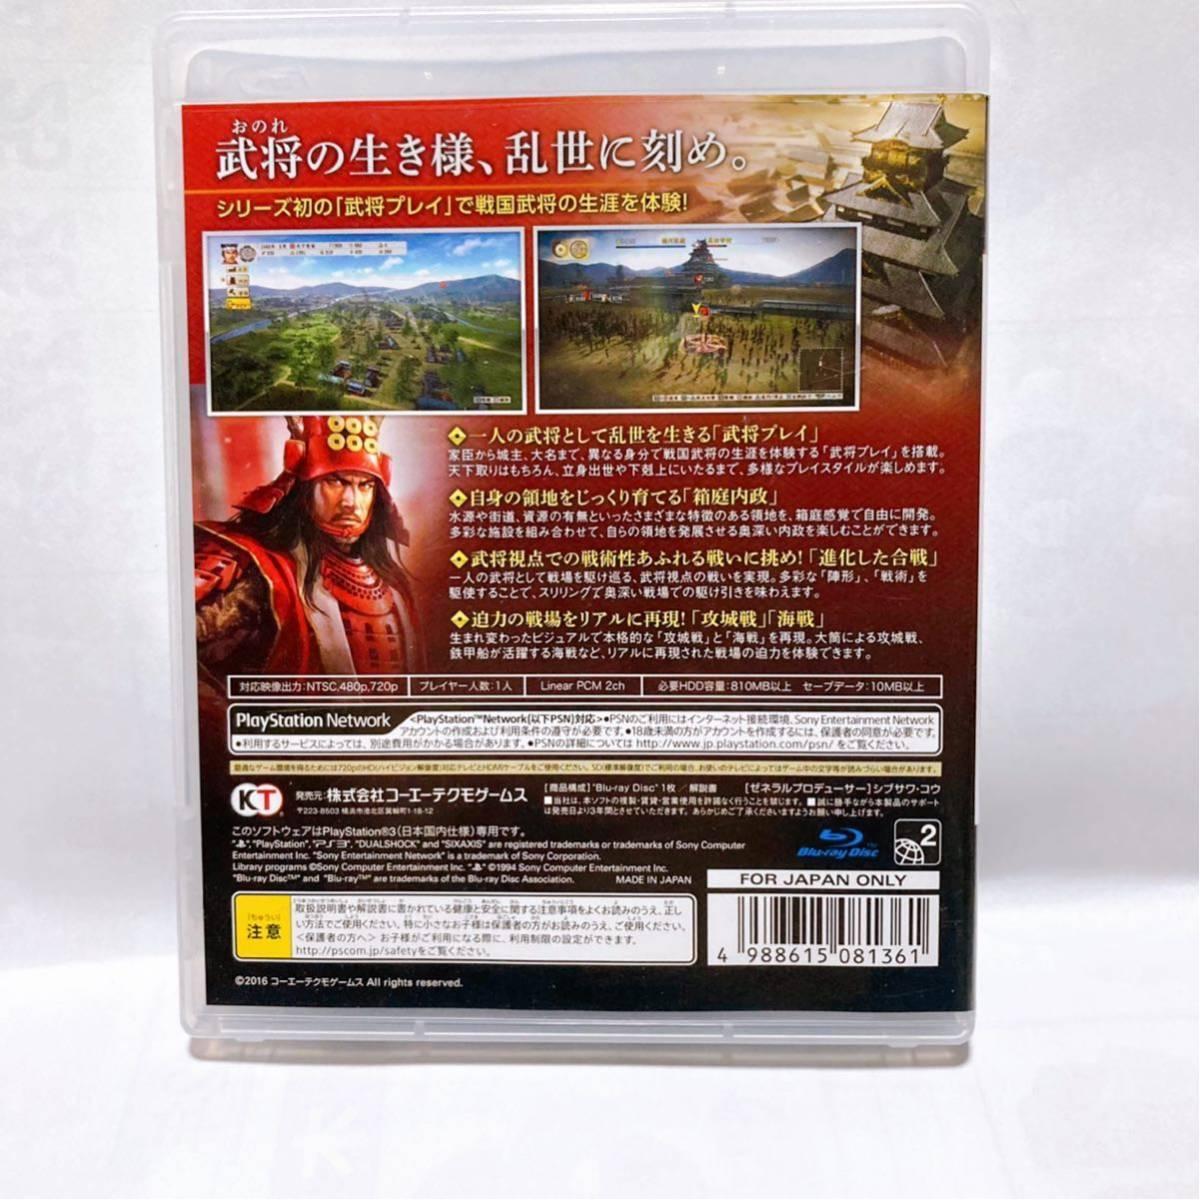 PS3 信長の野望 創造 戦国立志伝 【プレイステーション3 プレステ3 コーエー】